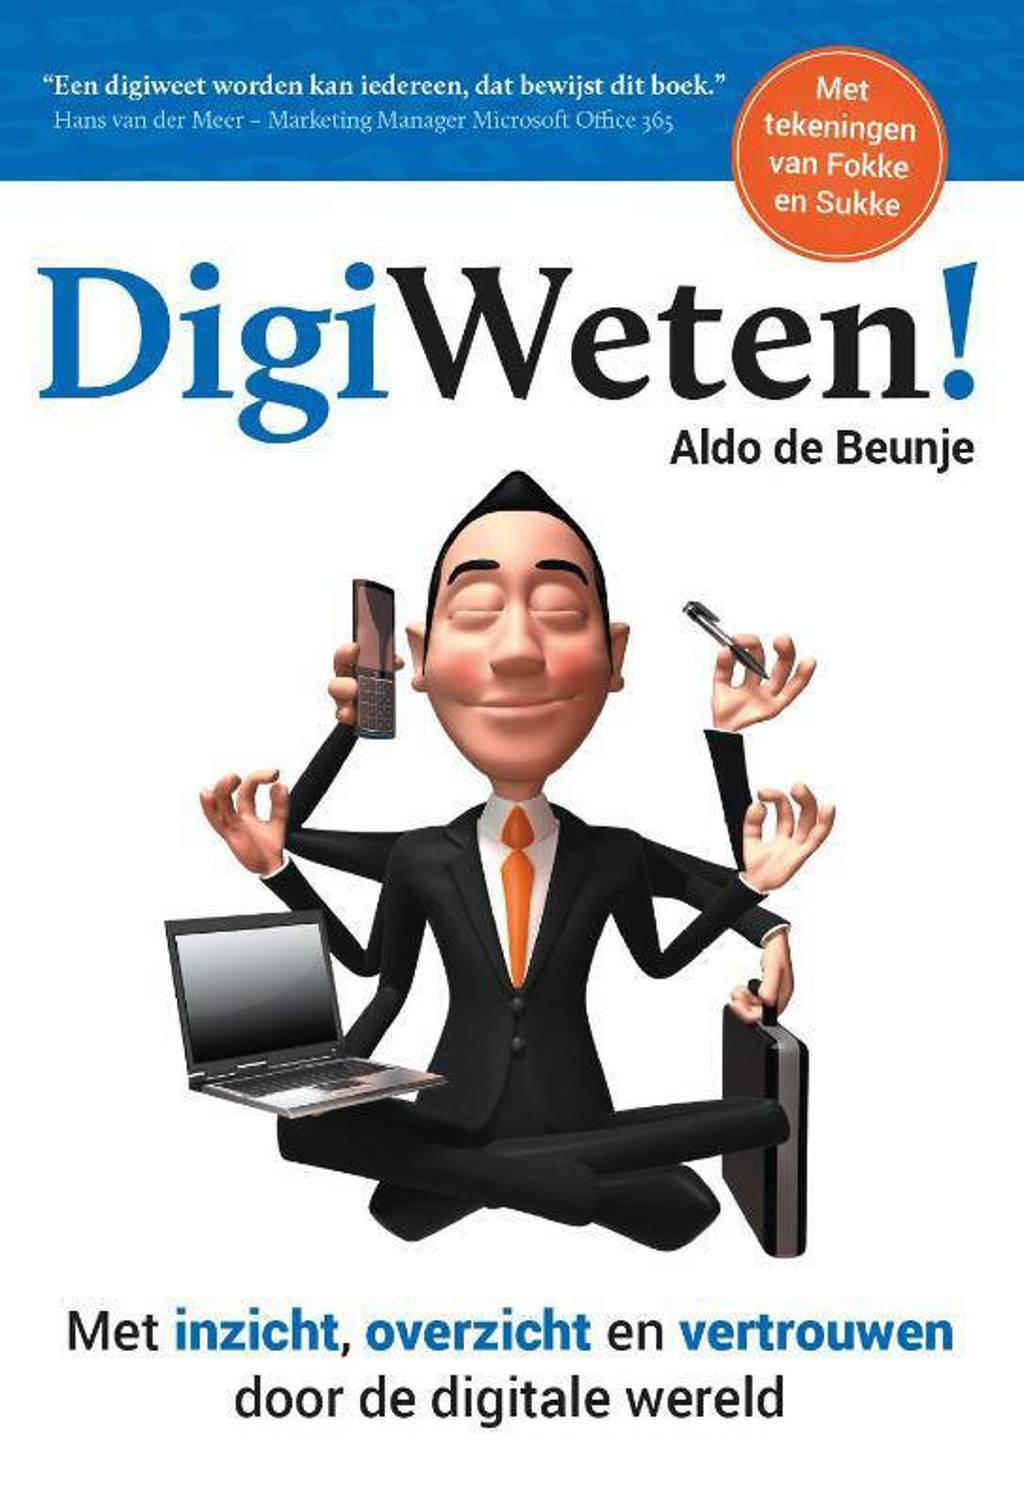 DigiWeten! - Aldo de Beunje